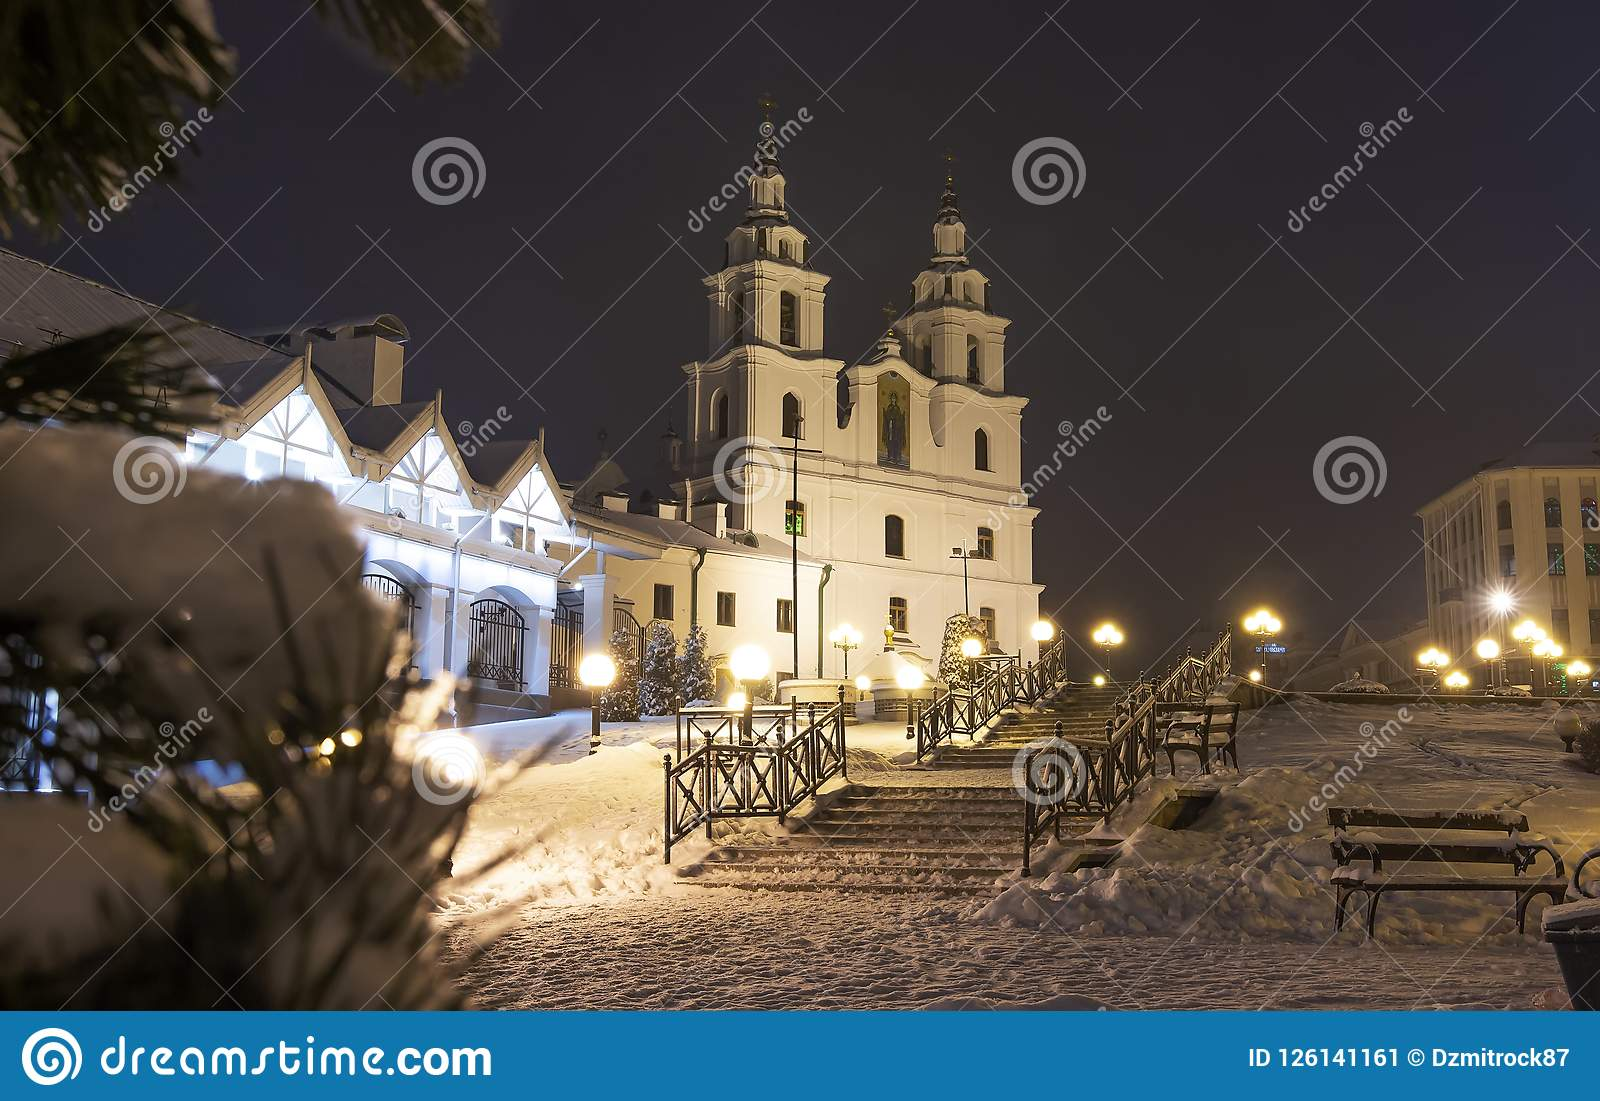 Vinter Minsk på natten Jul i Minsk, Vitryssland Cityscape av Vitryssland huvudstad Berömt kyrkligt ortodoxt torn i mitt av staden